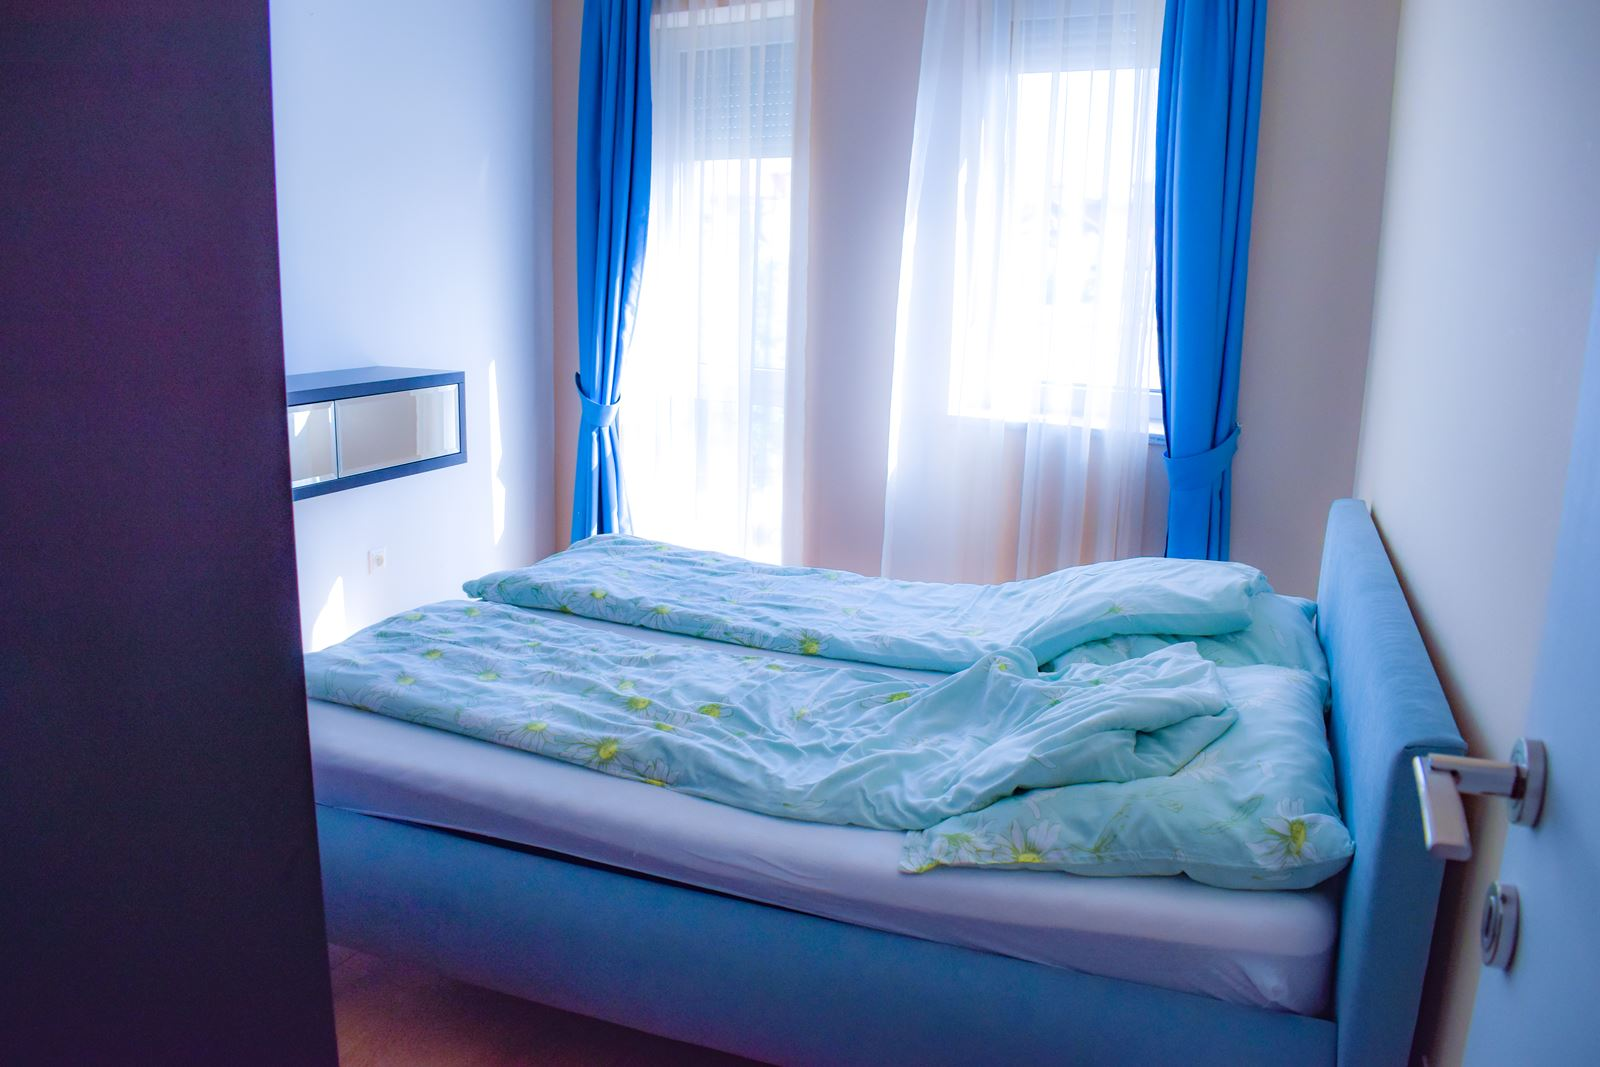 Appartement vienne autriche pas cher voyage trip grand 8blog